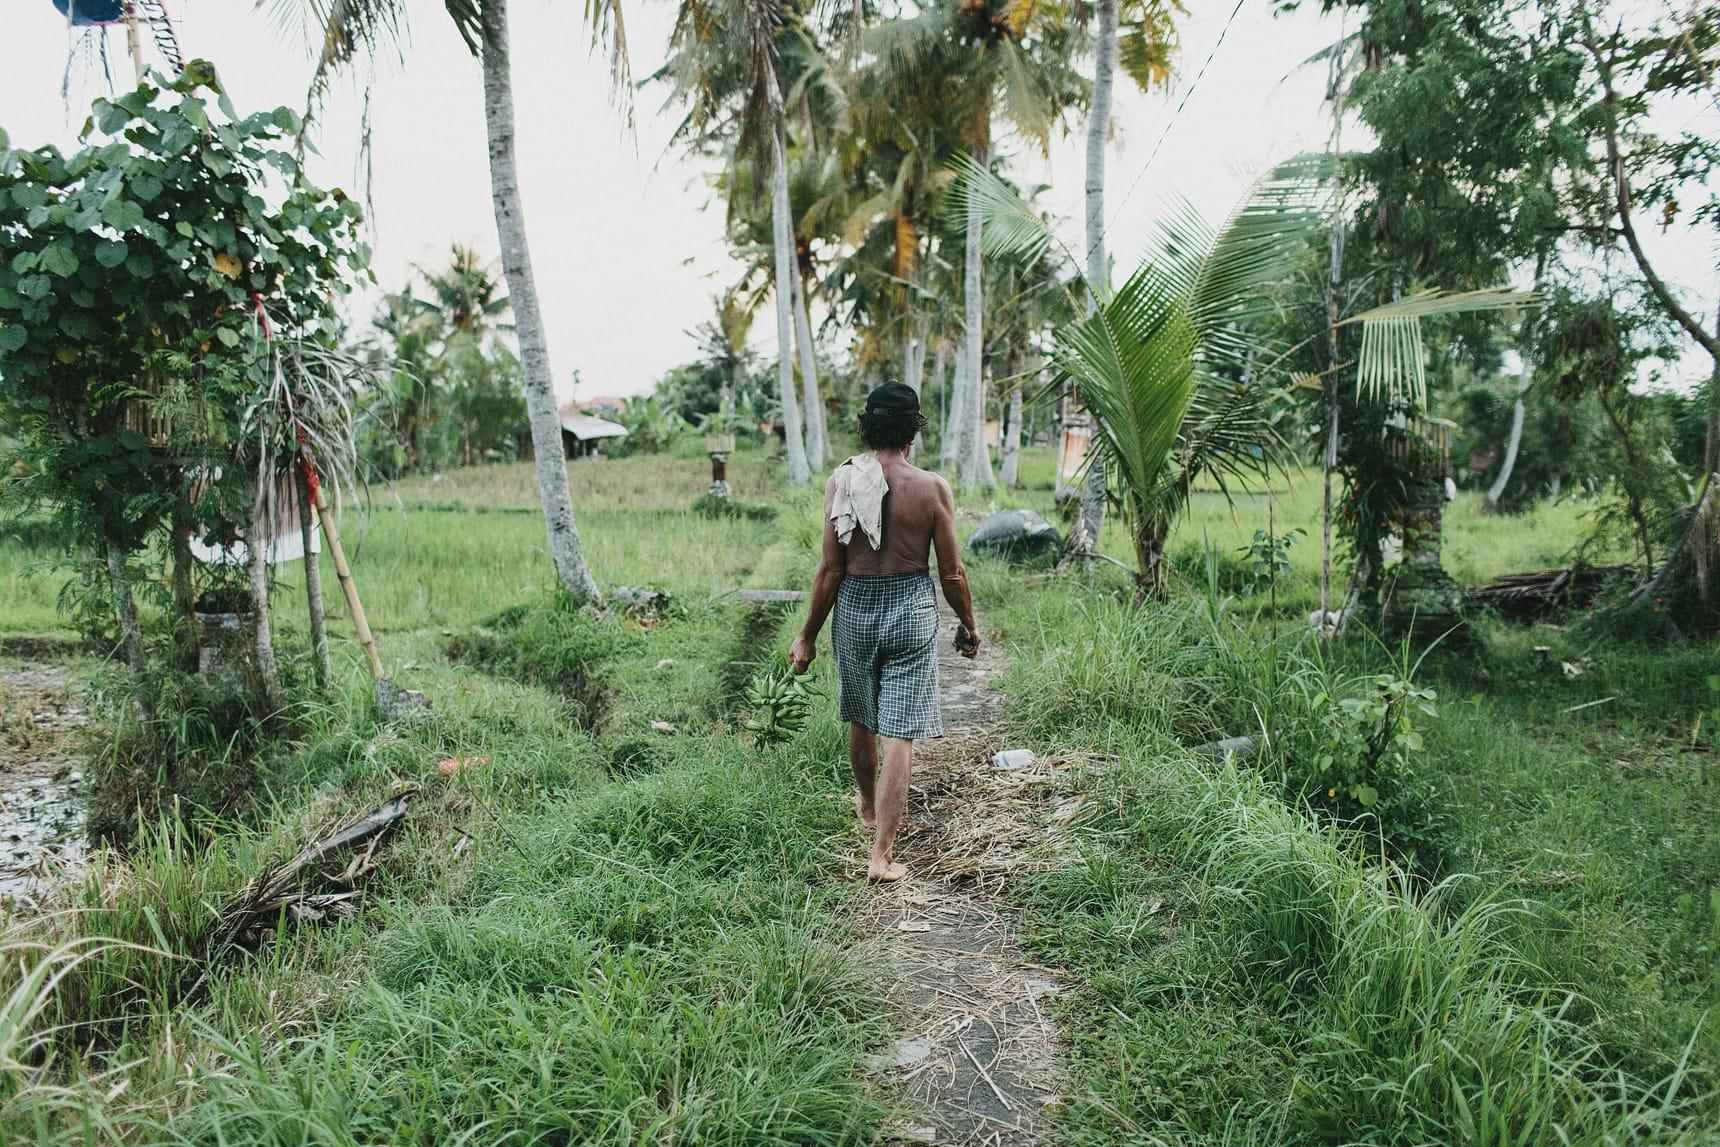 ubud bali travel photography